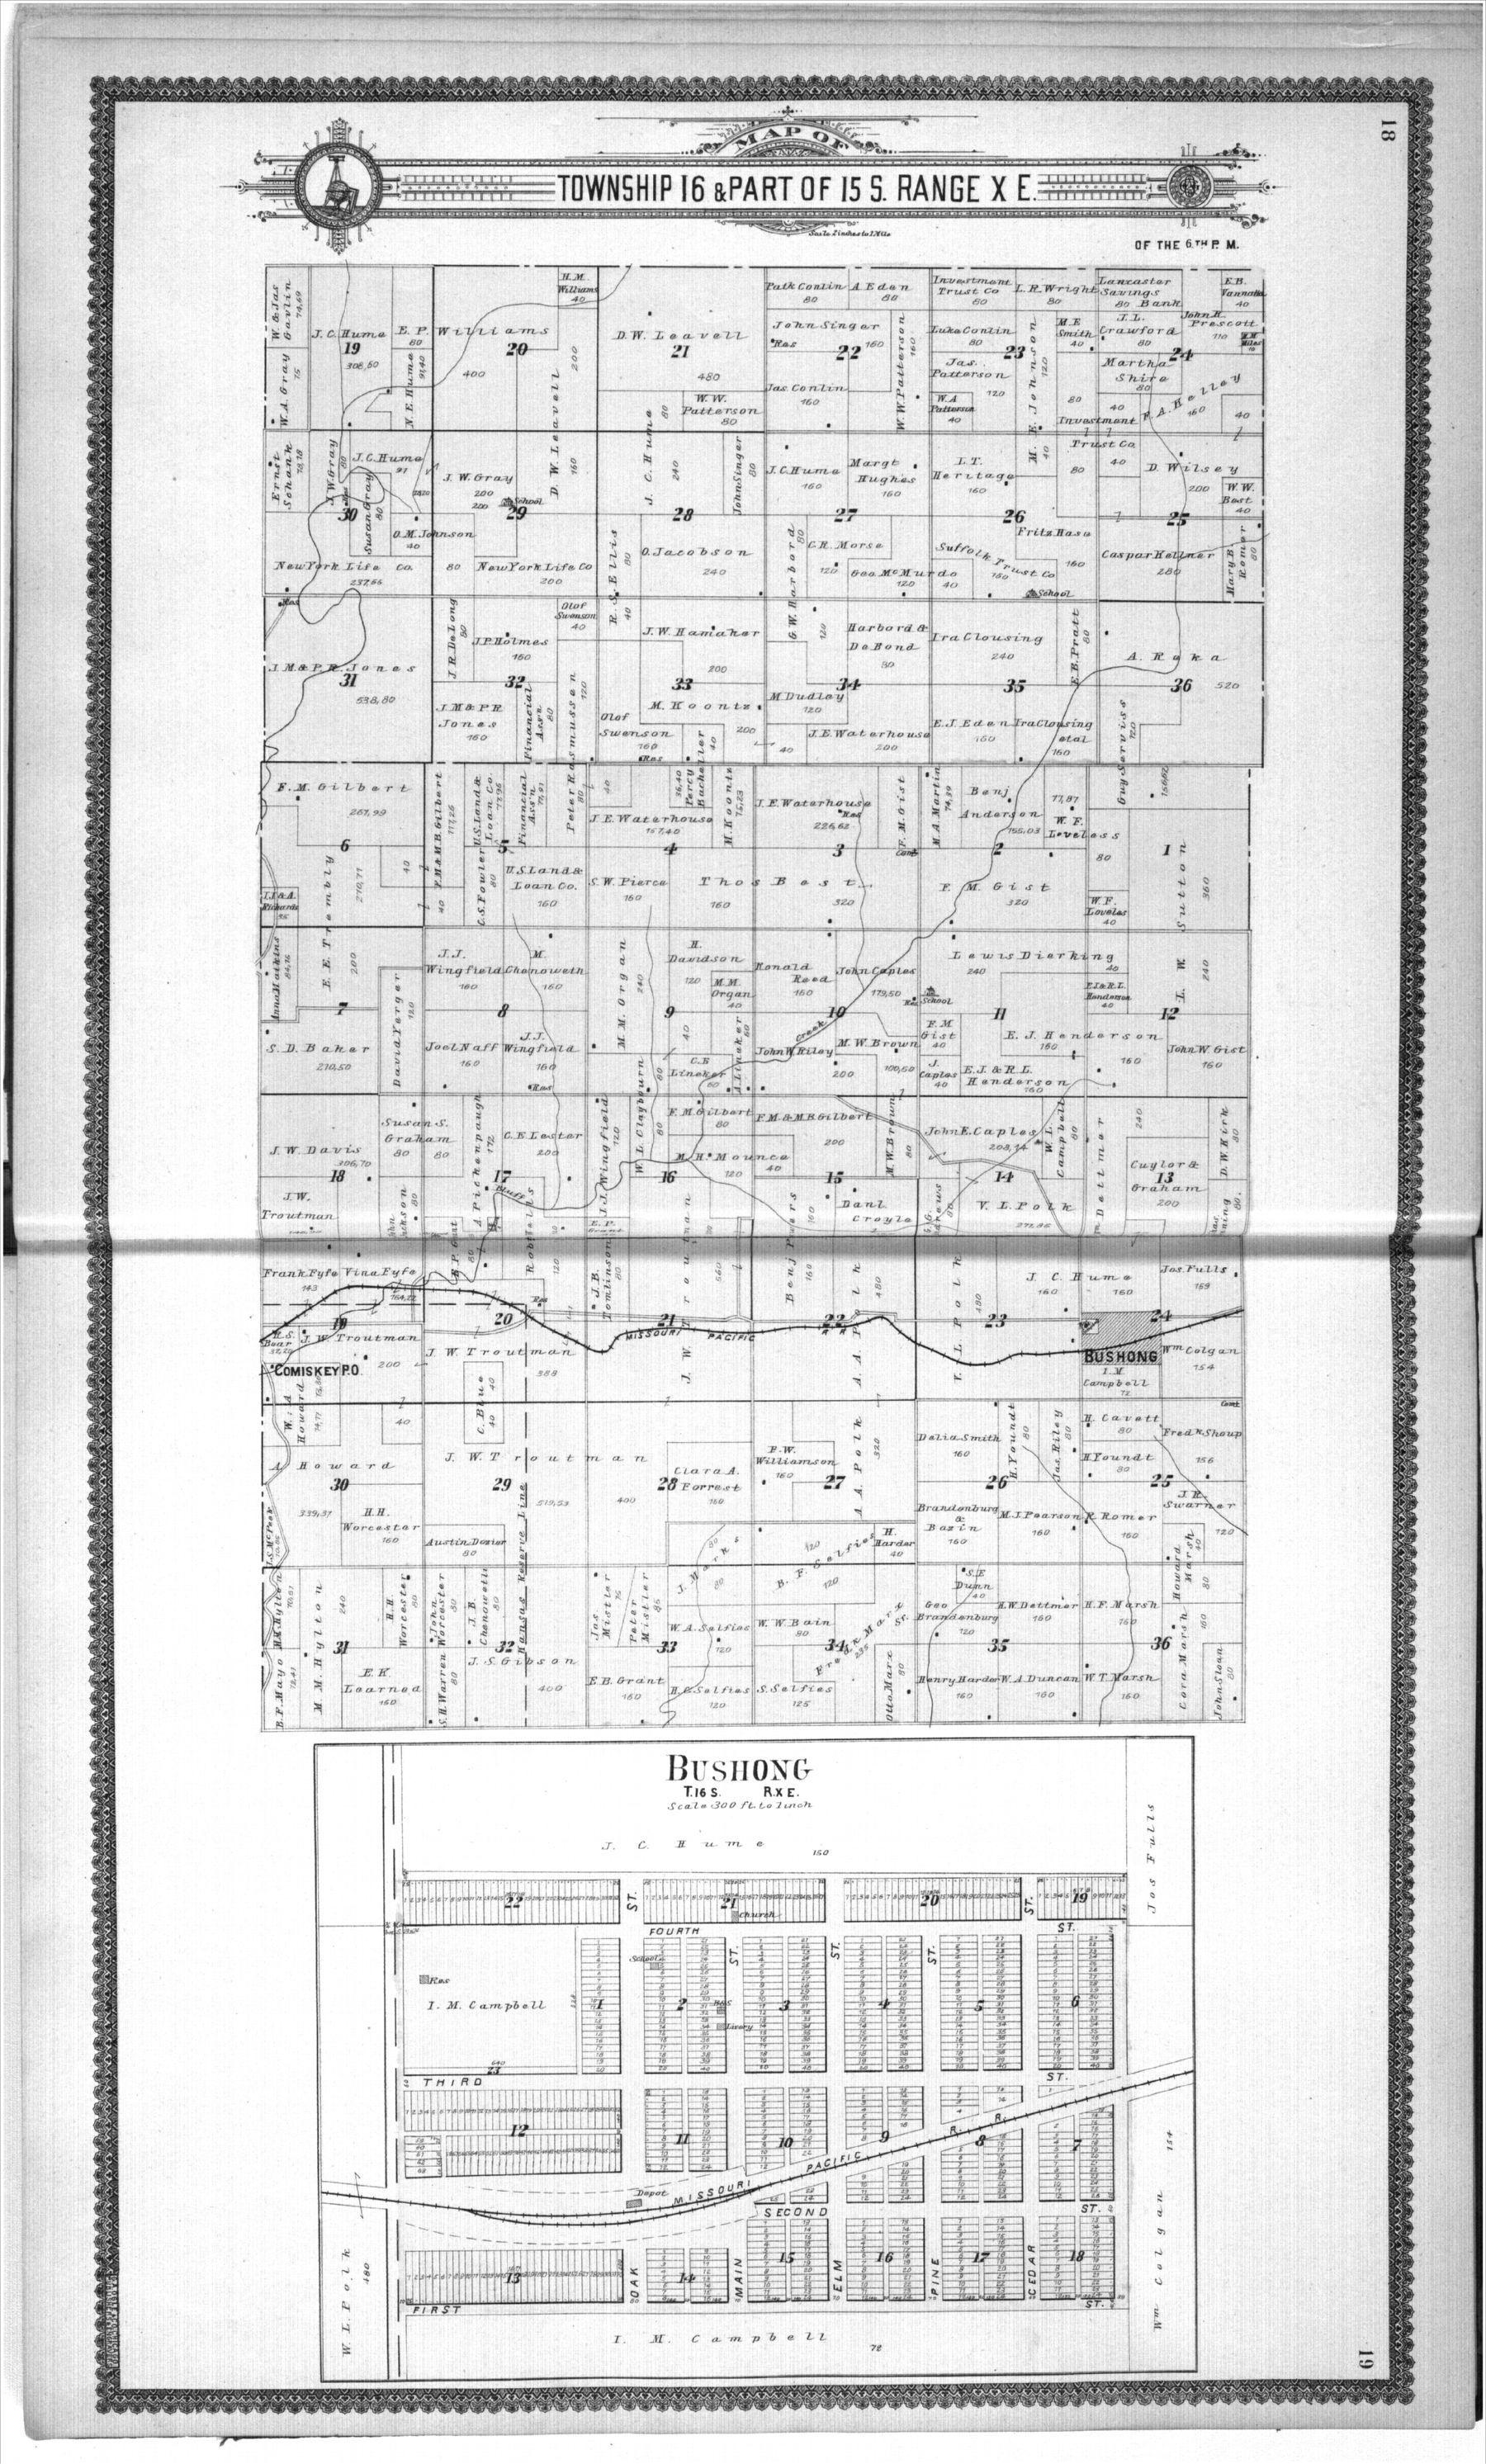 Standard atlas, Lyon County, Kansas - 18 & 19